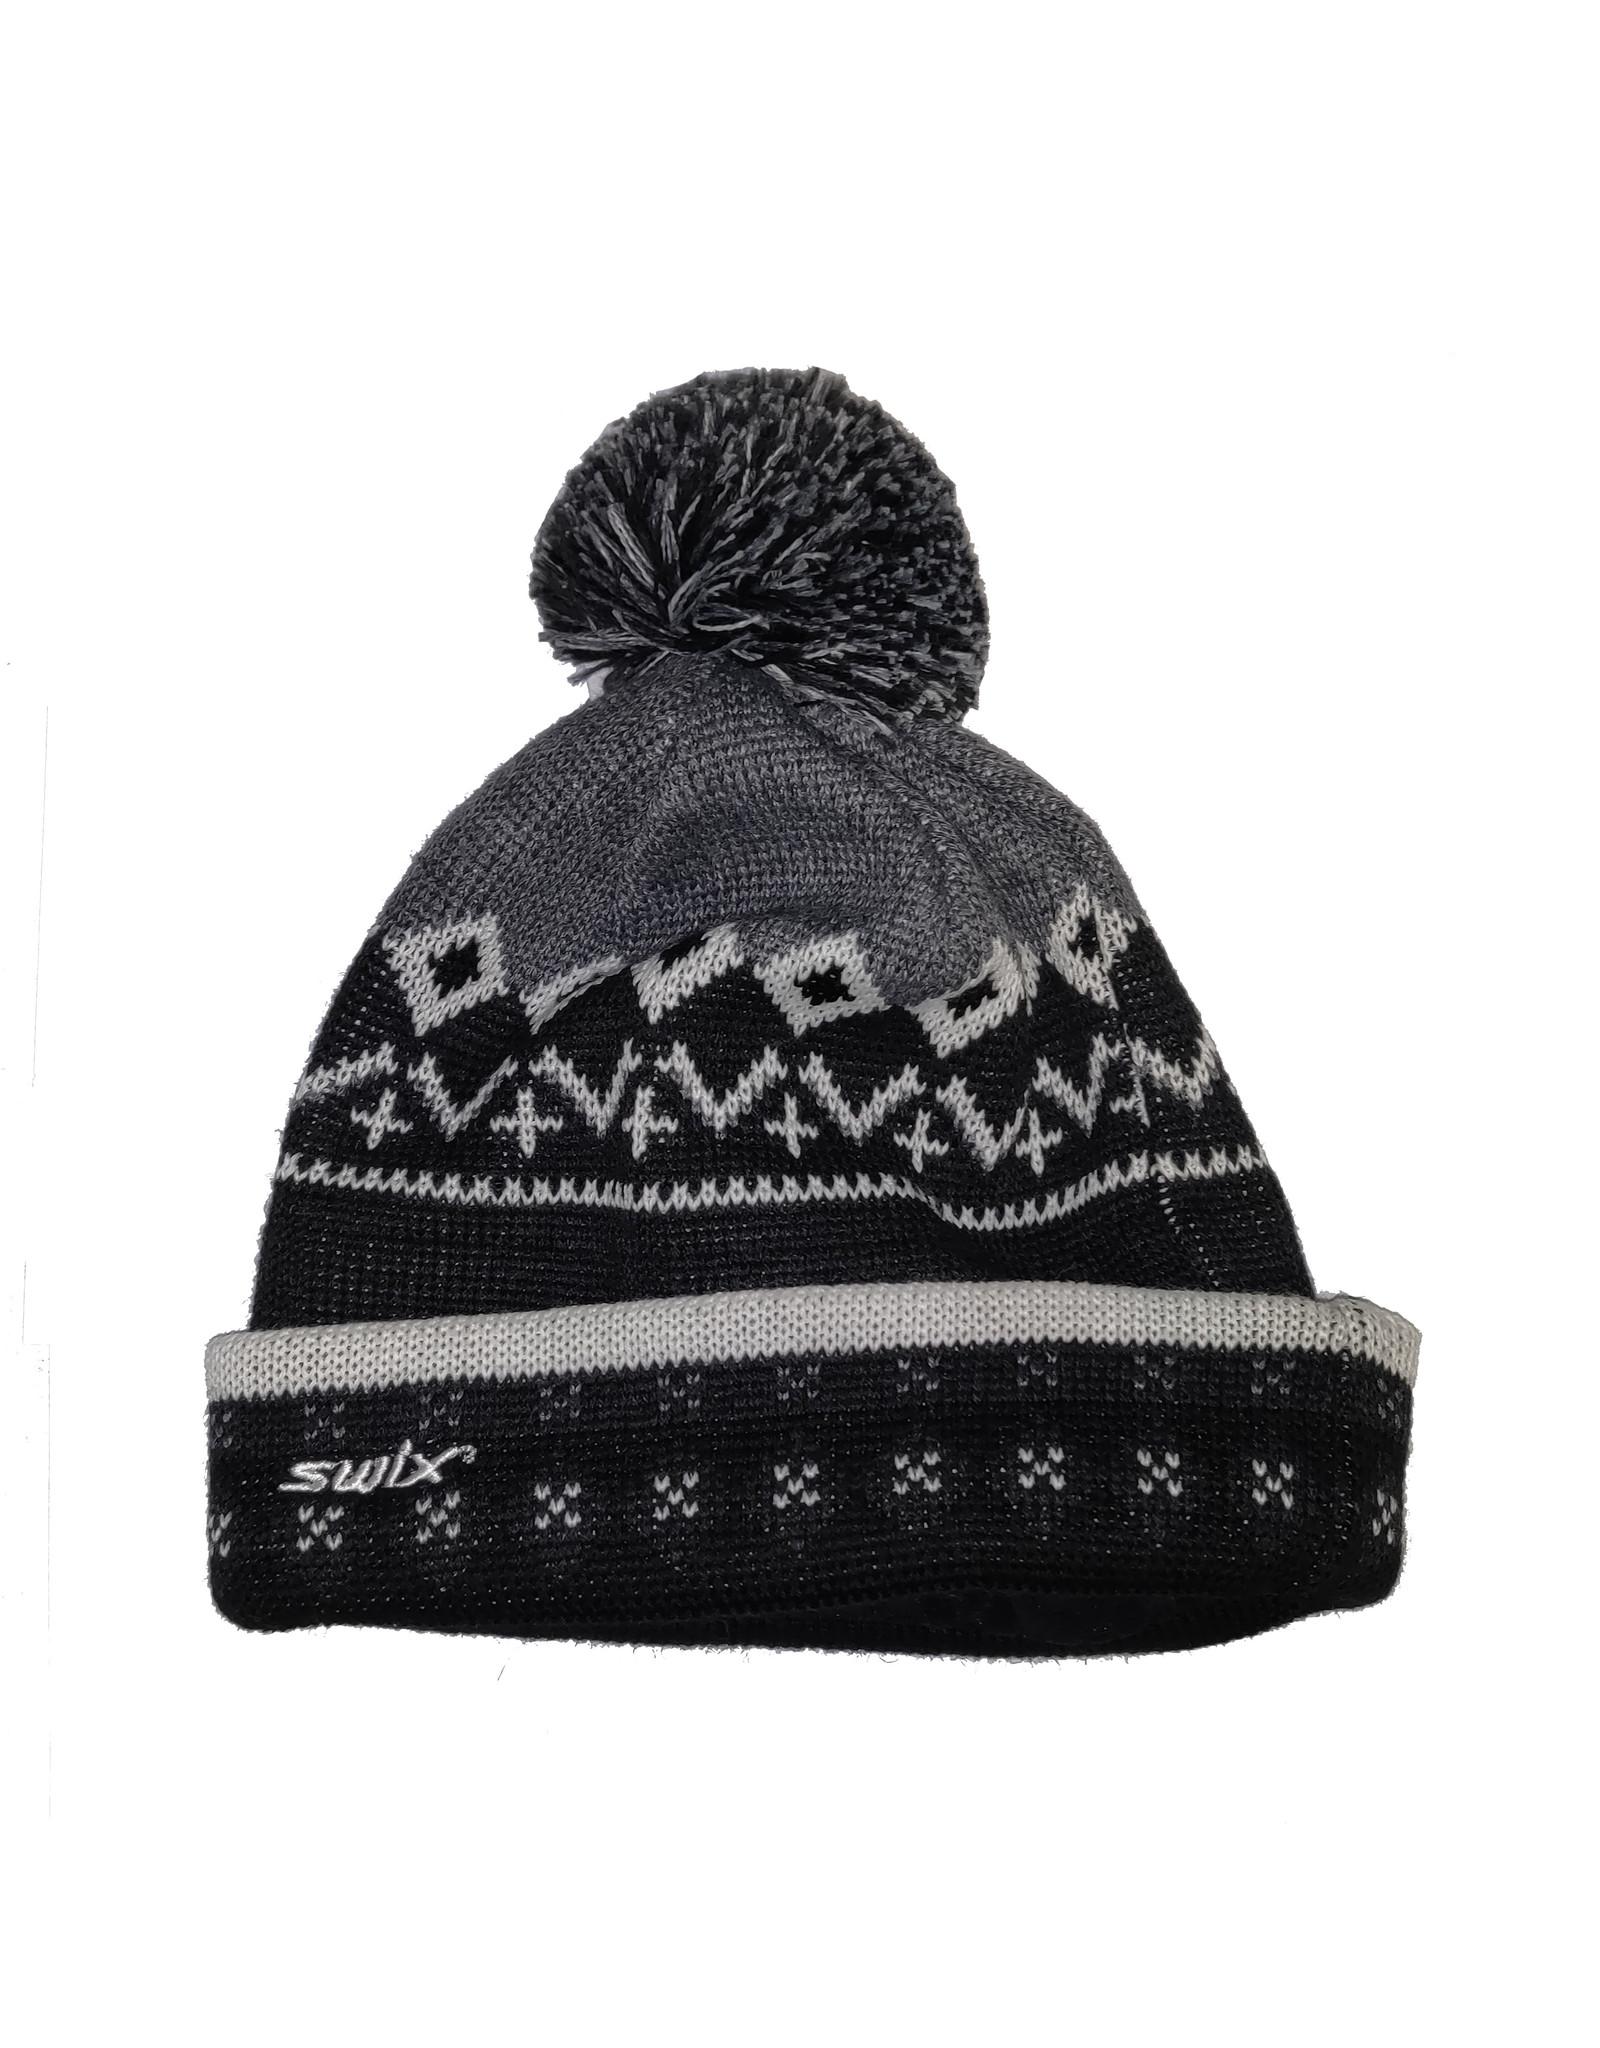 Swix Dolores Hat Black